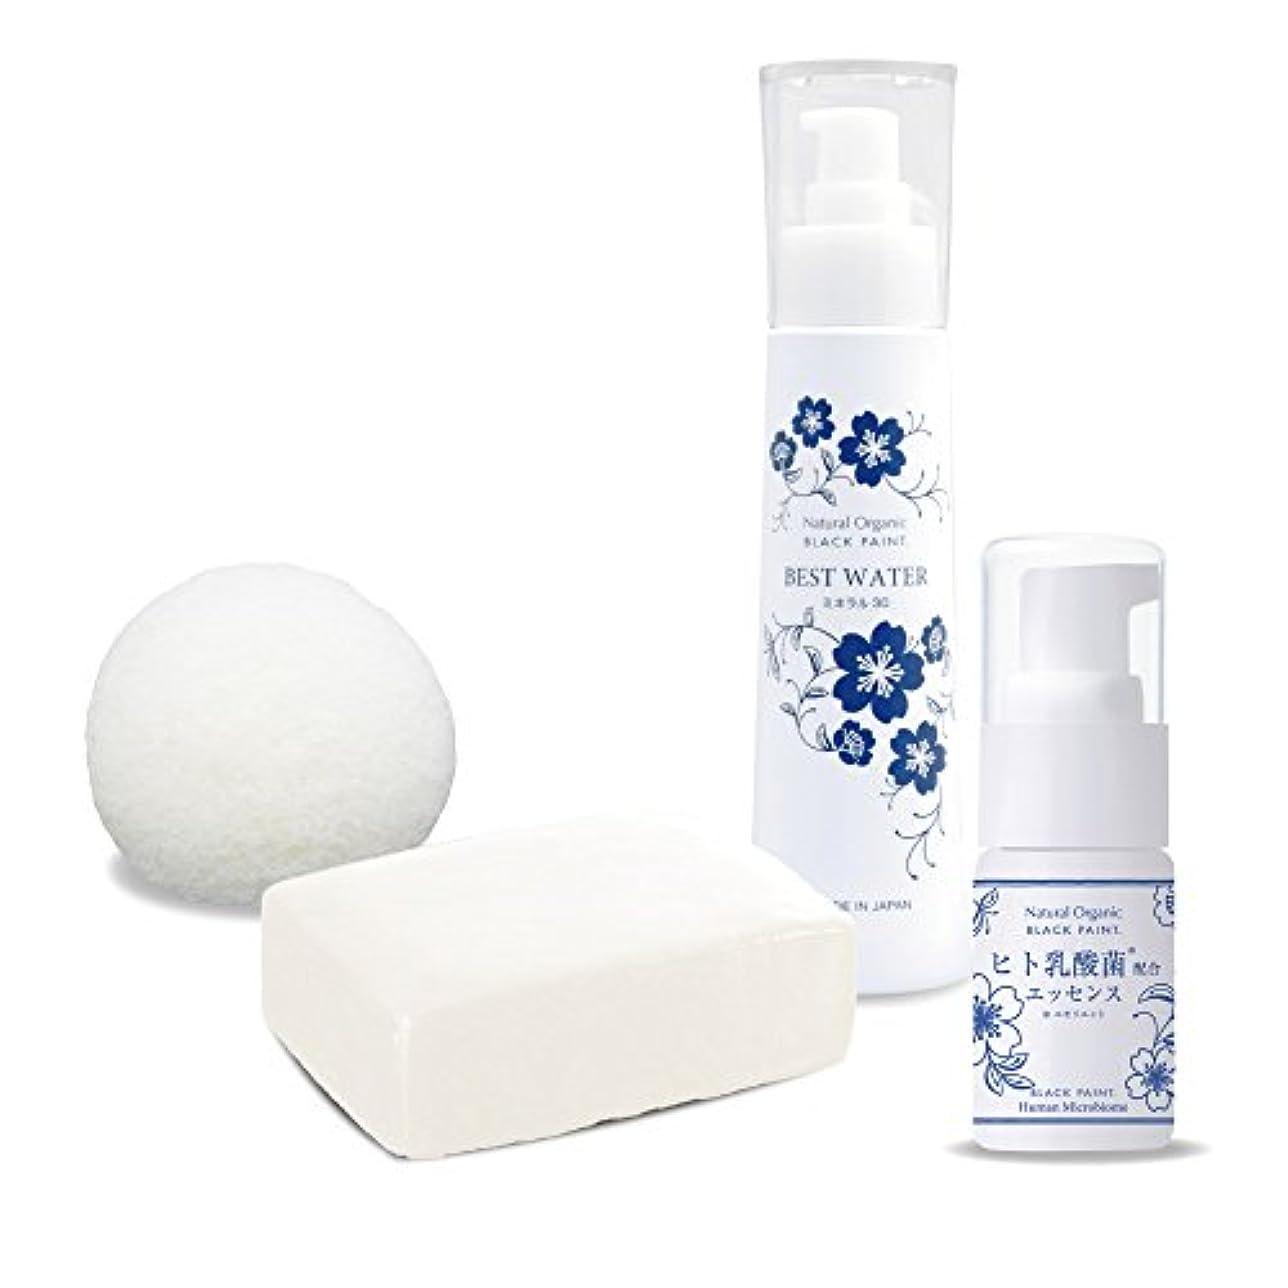 カラス口ひげランダムヒト乳酸菌エッセンス10ml&ホワイトペイント60g&ホワイトスポンジミニ&ベストウォーター100ml 洗顔セット